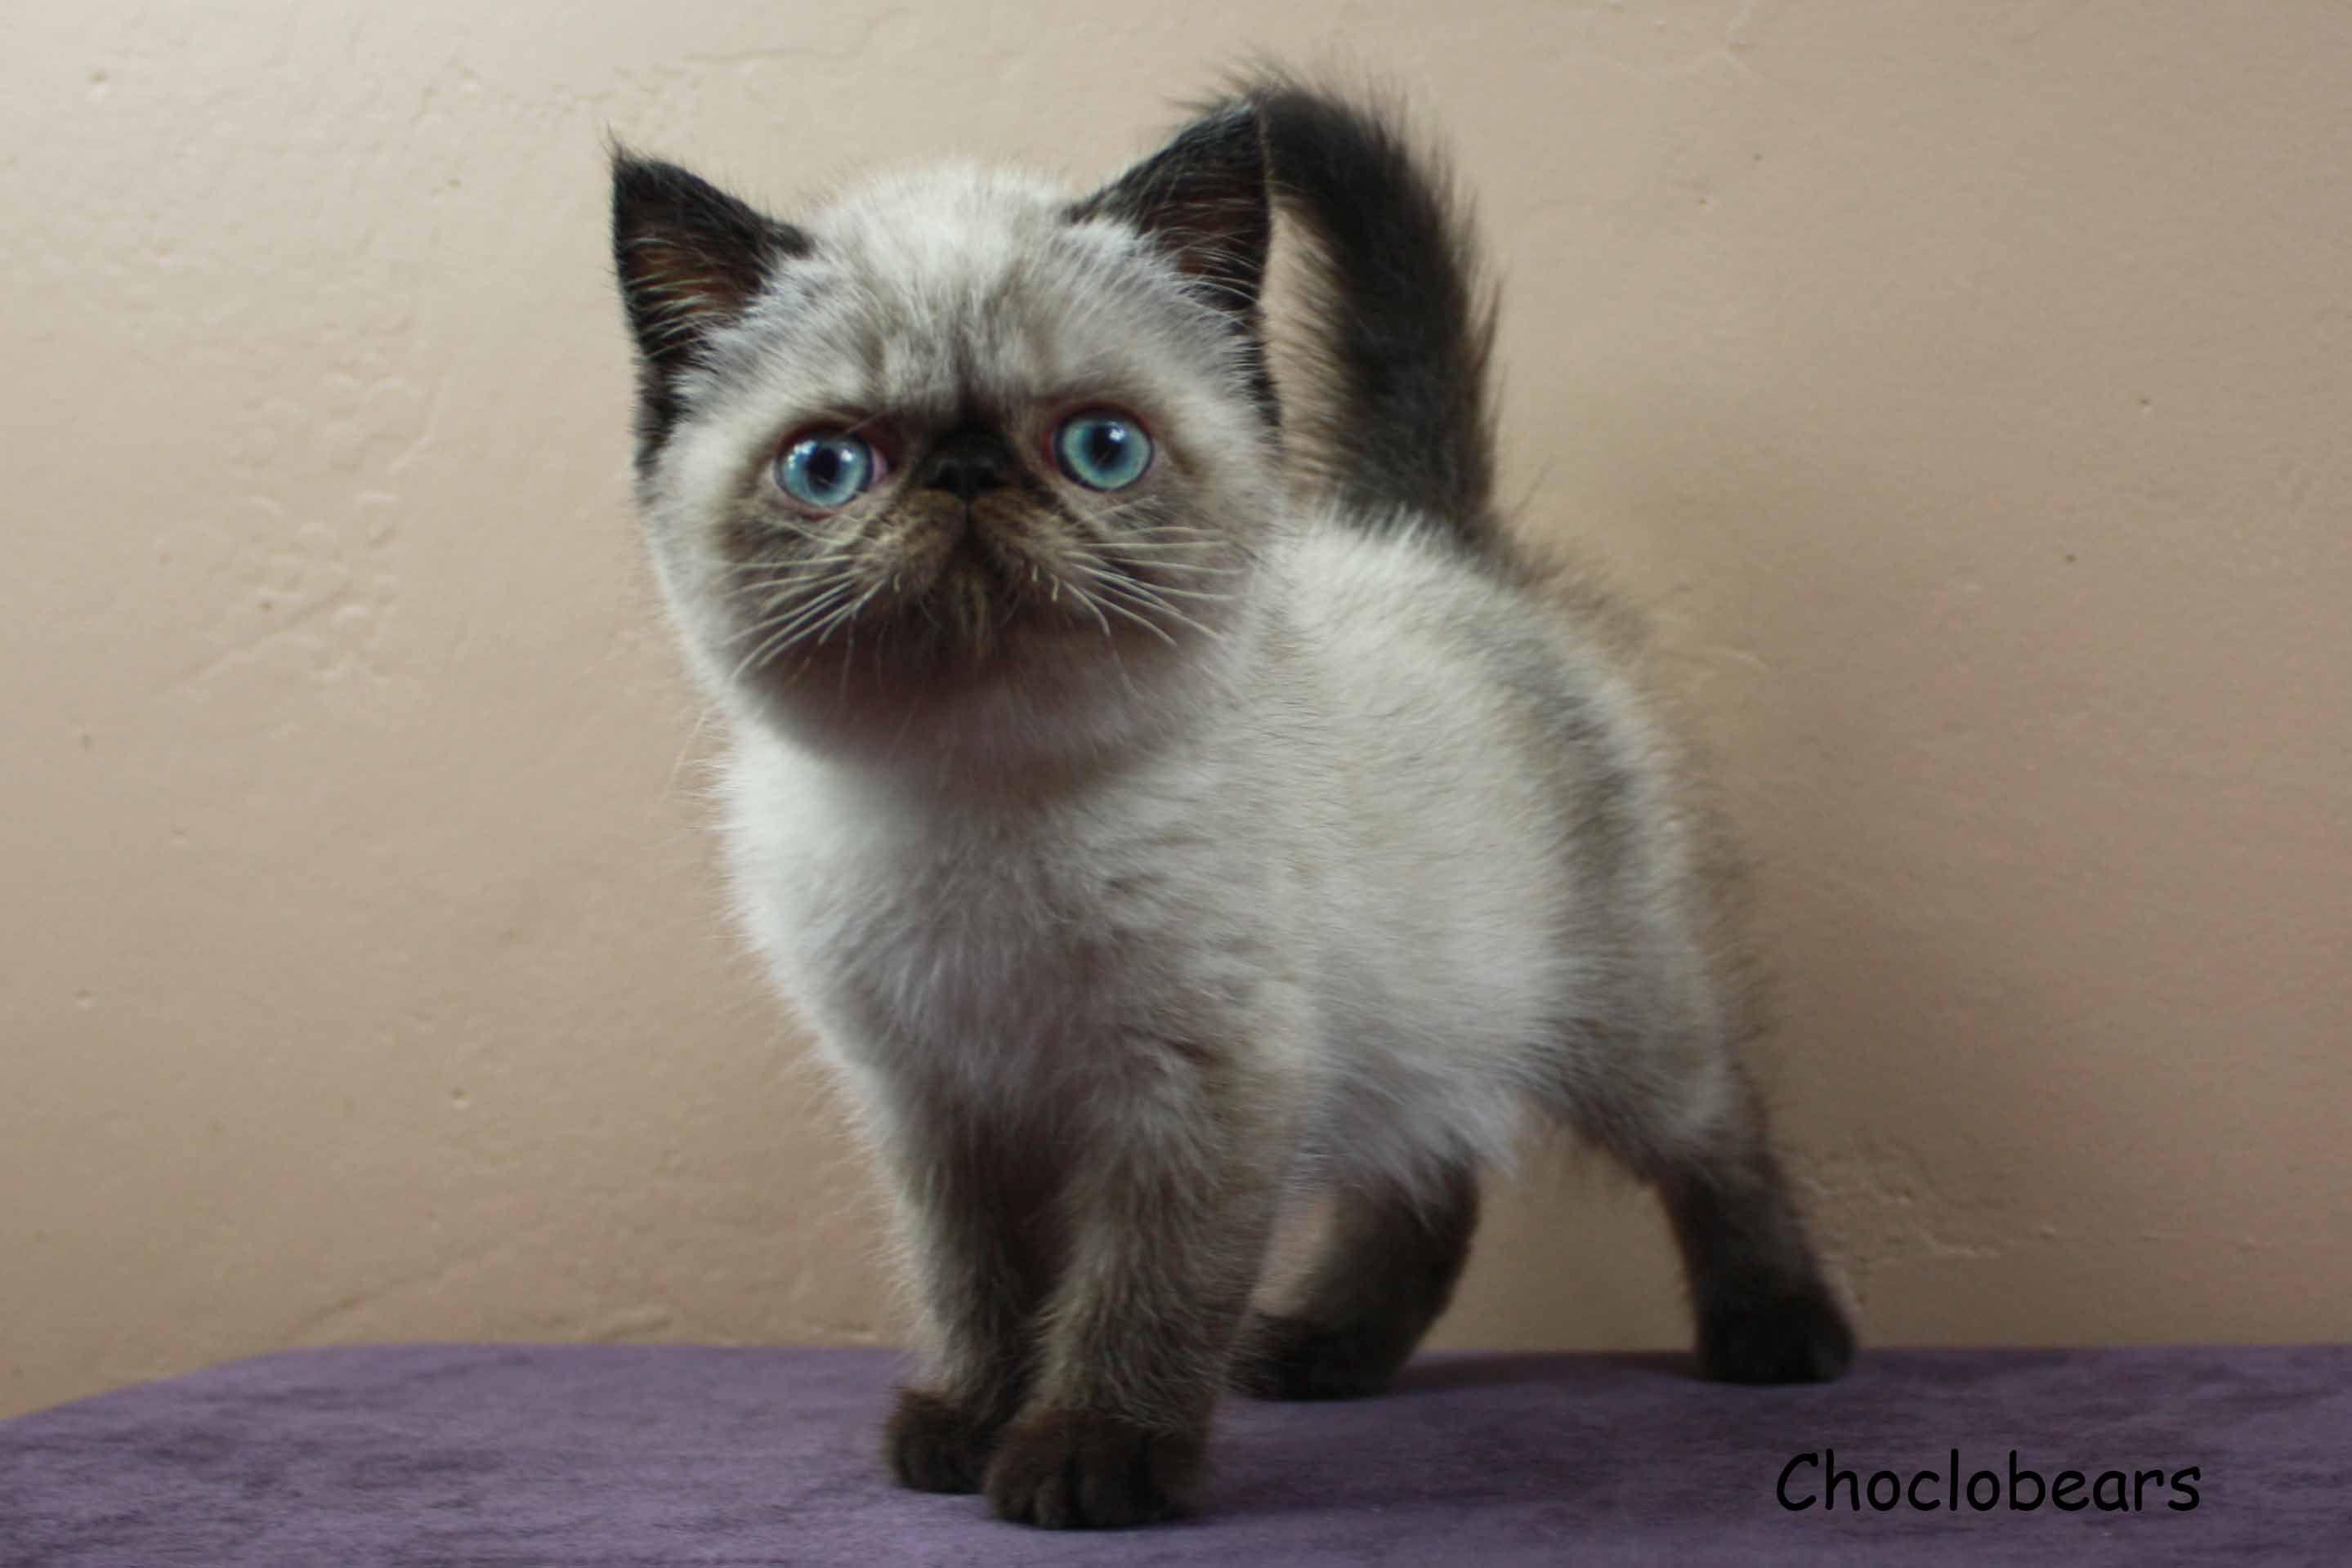 ป กพ นในบอร ด Choclobears Exotic Shorthair Persian And Himalayan Cats